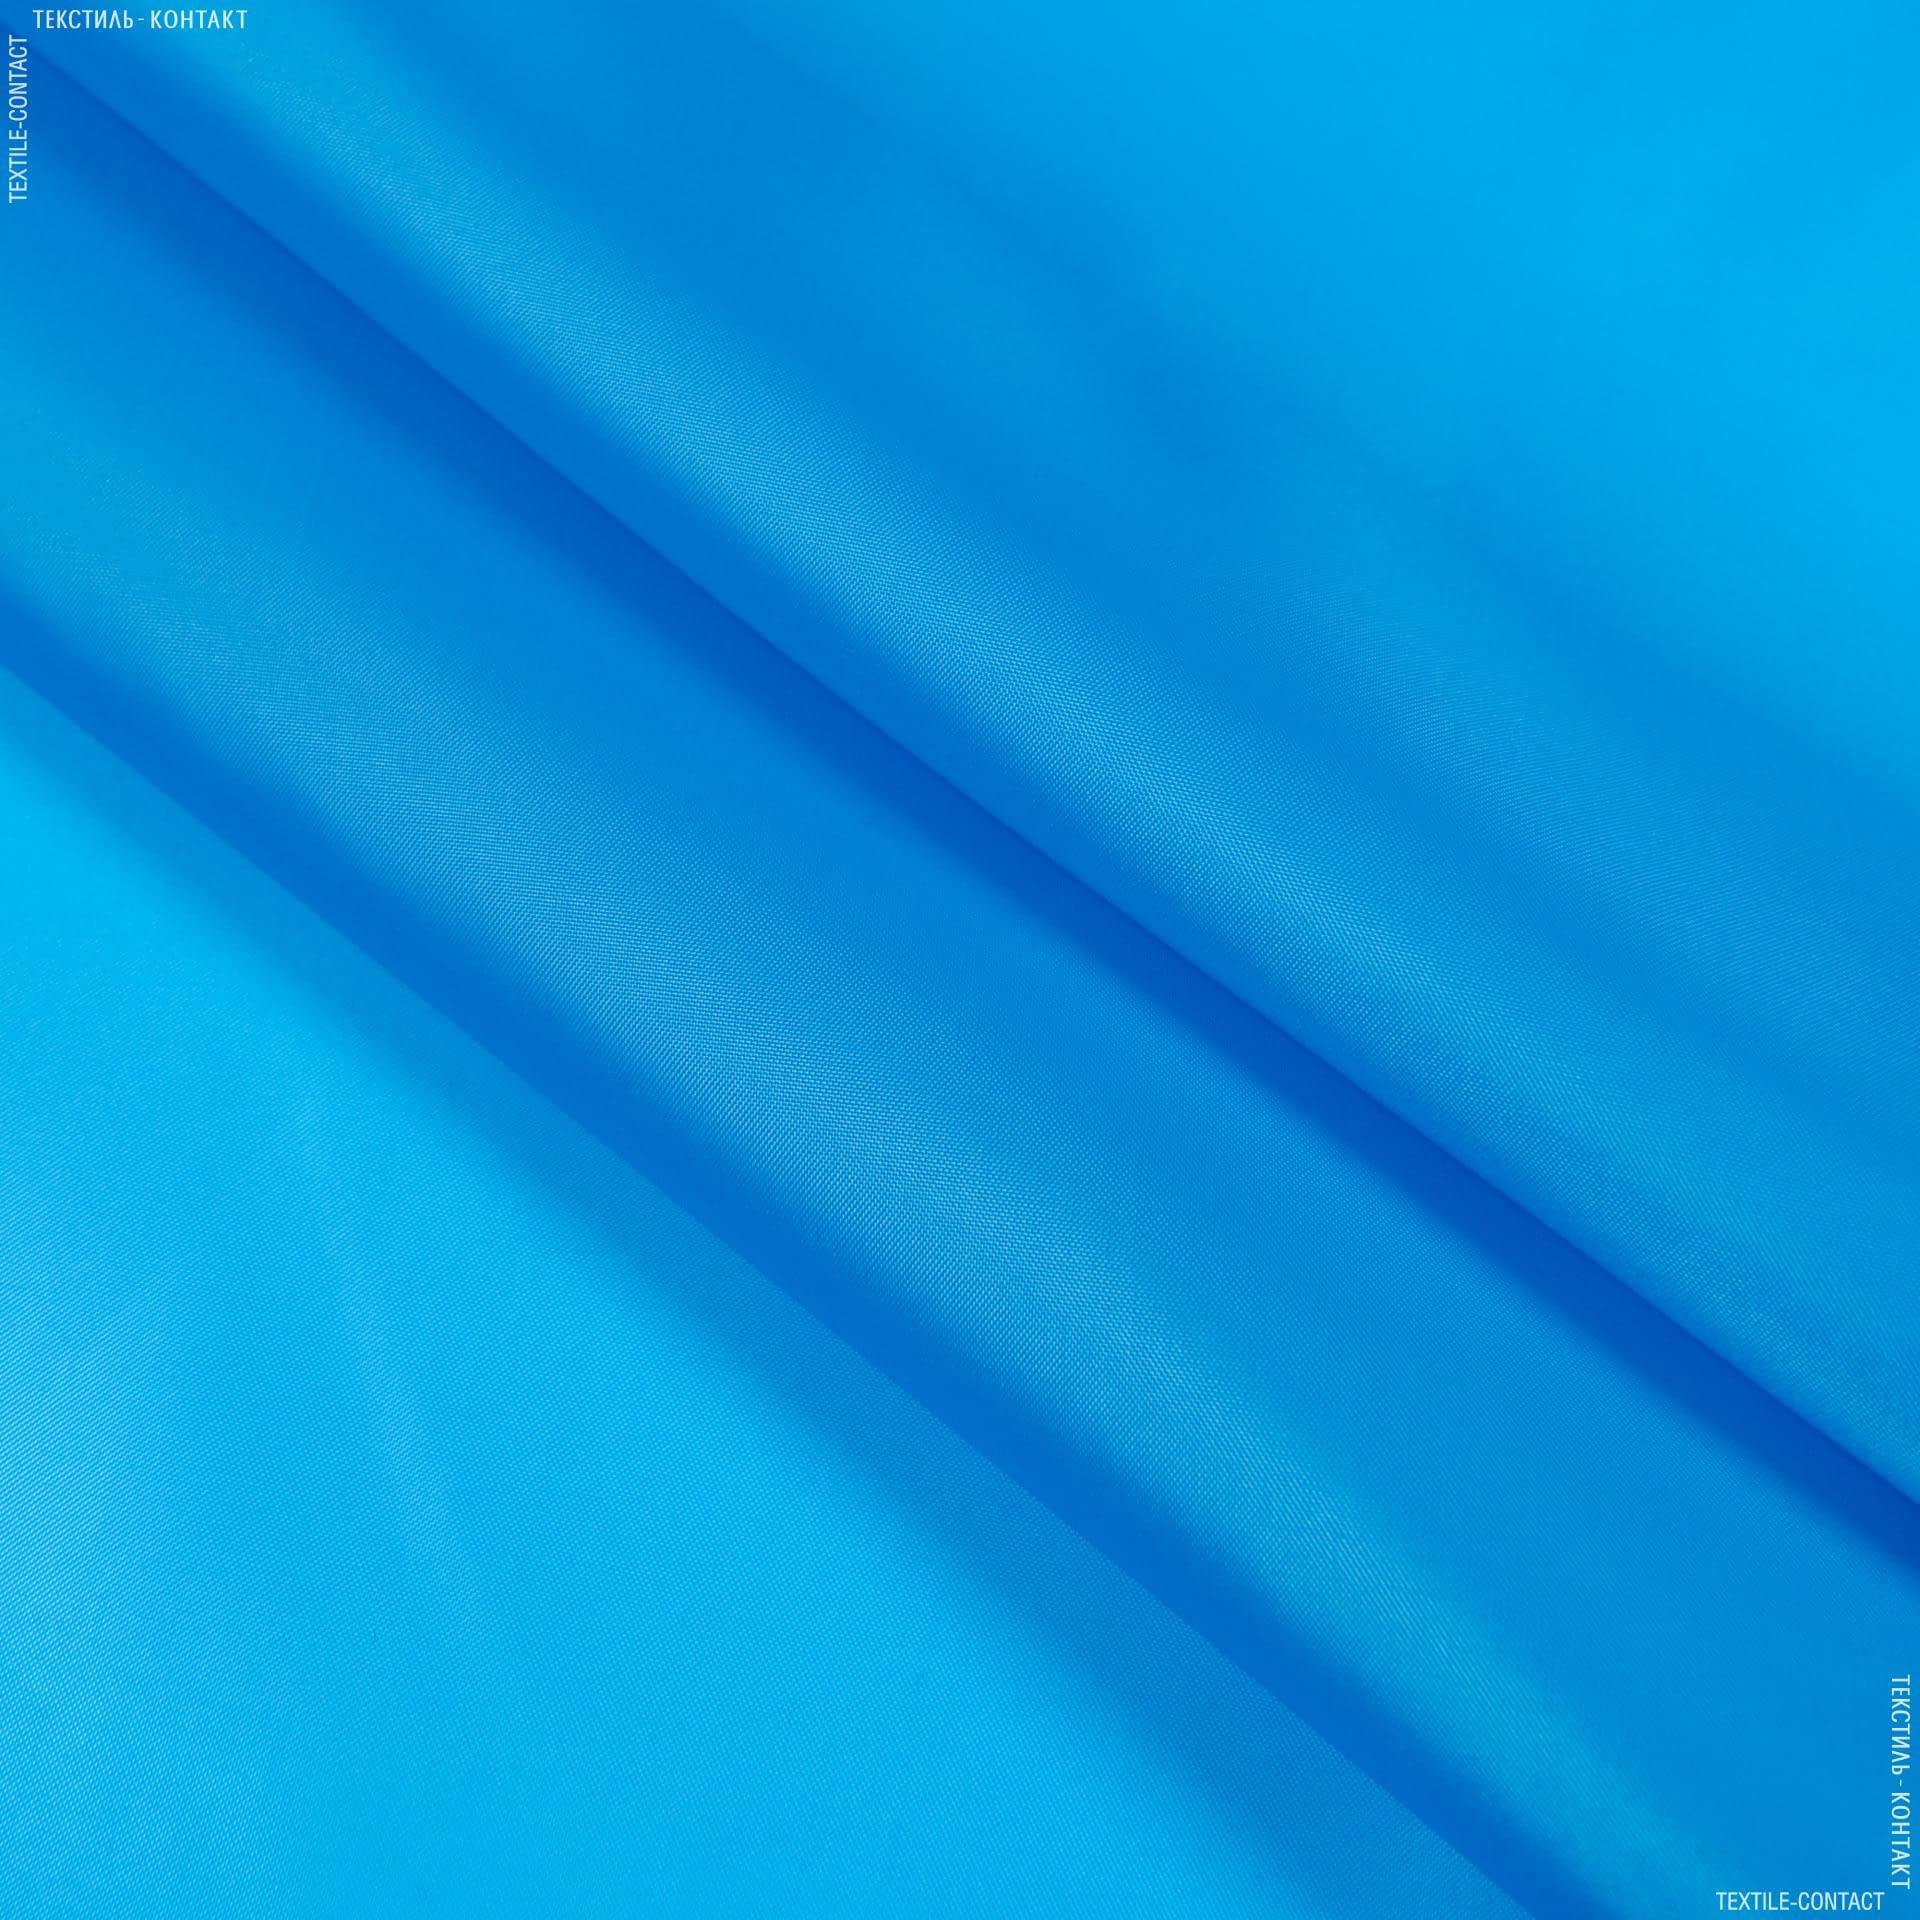 Тканини підкладкова тканина - Підкладка 190т блакитний